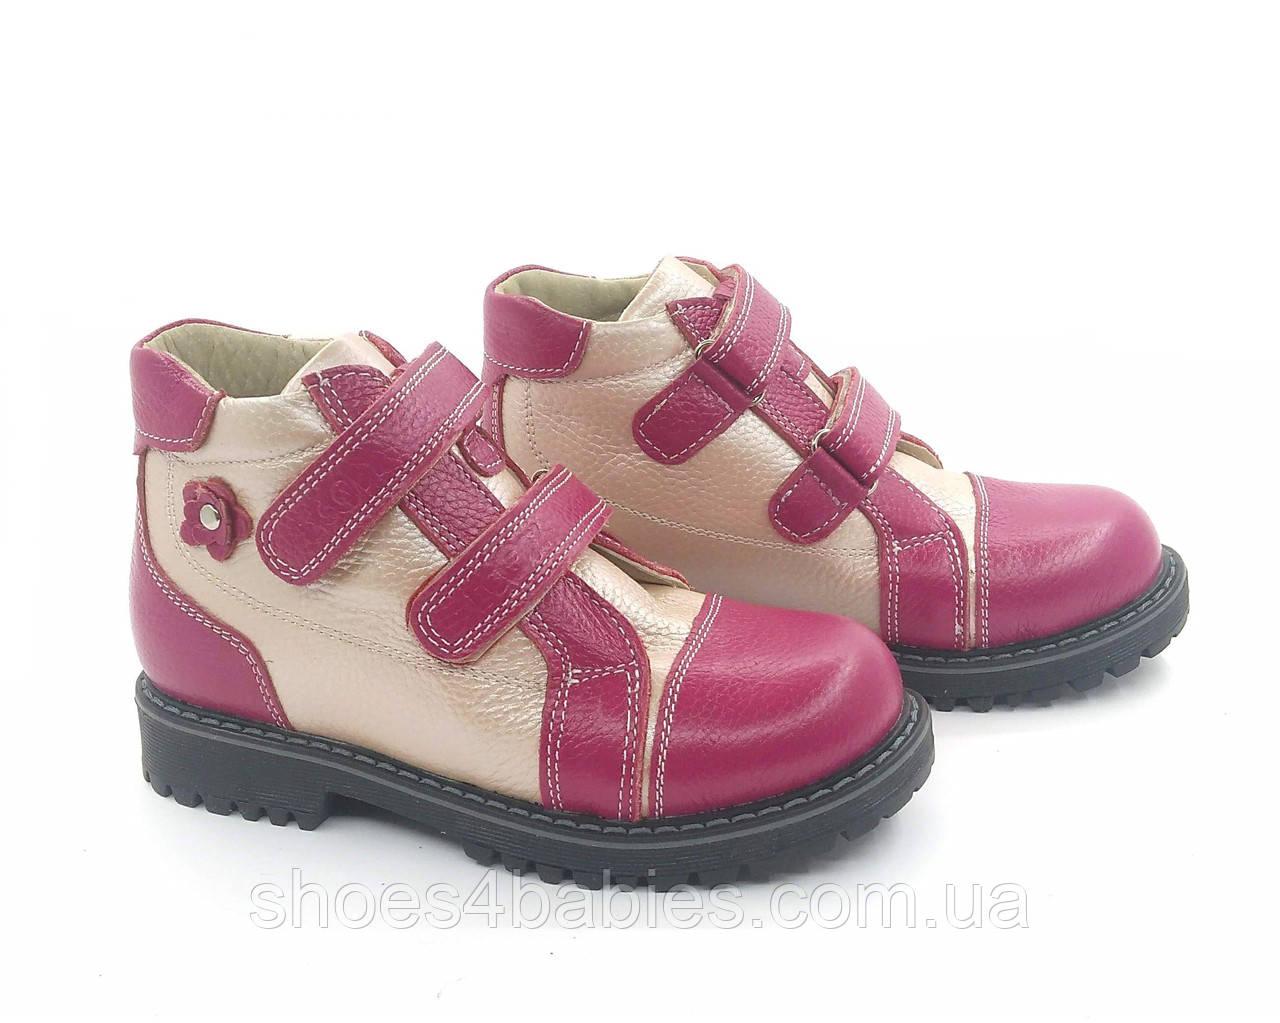 Ортопедические ботинки зимние Ecoby р. 31, 32 модель 202LP